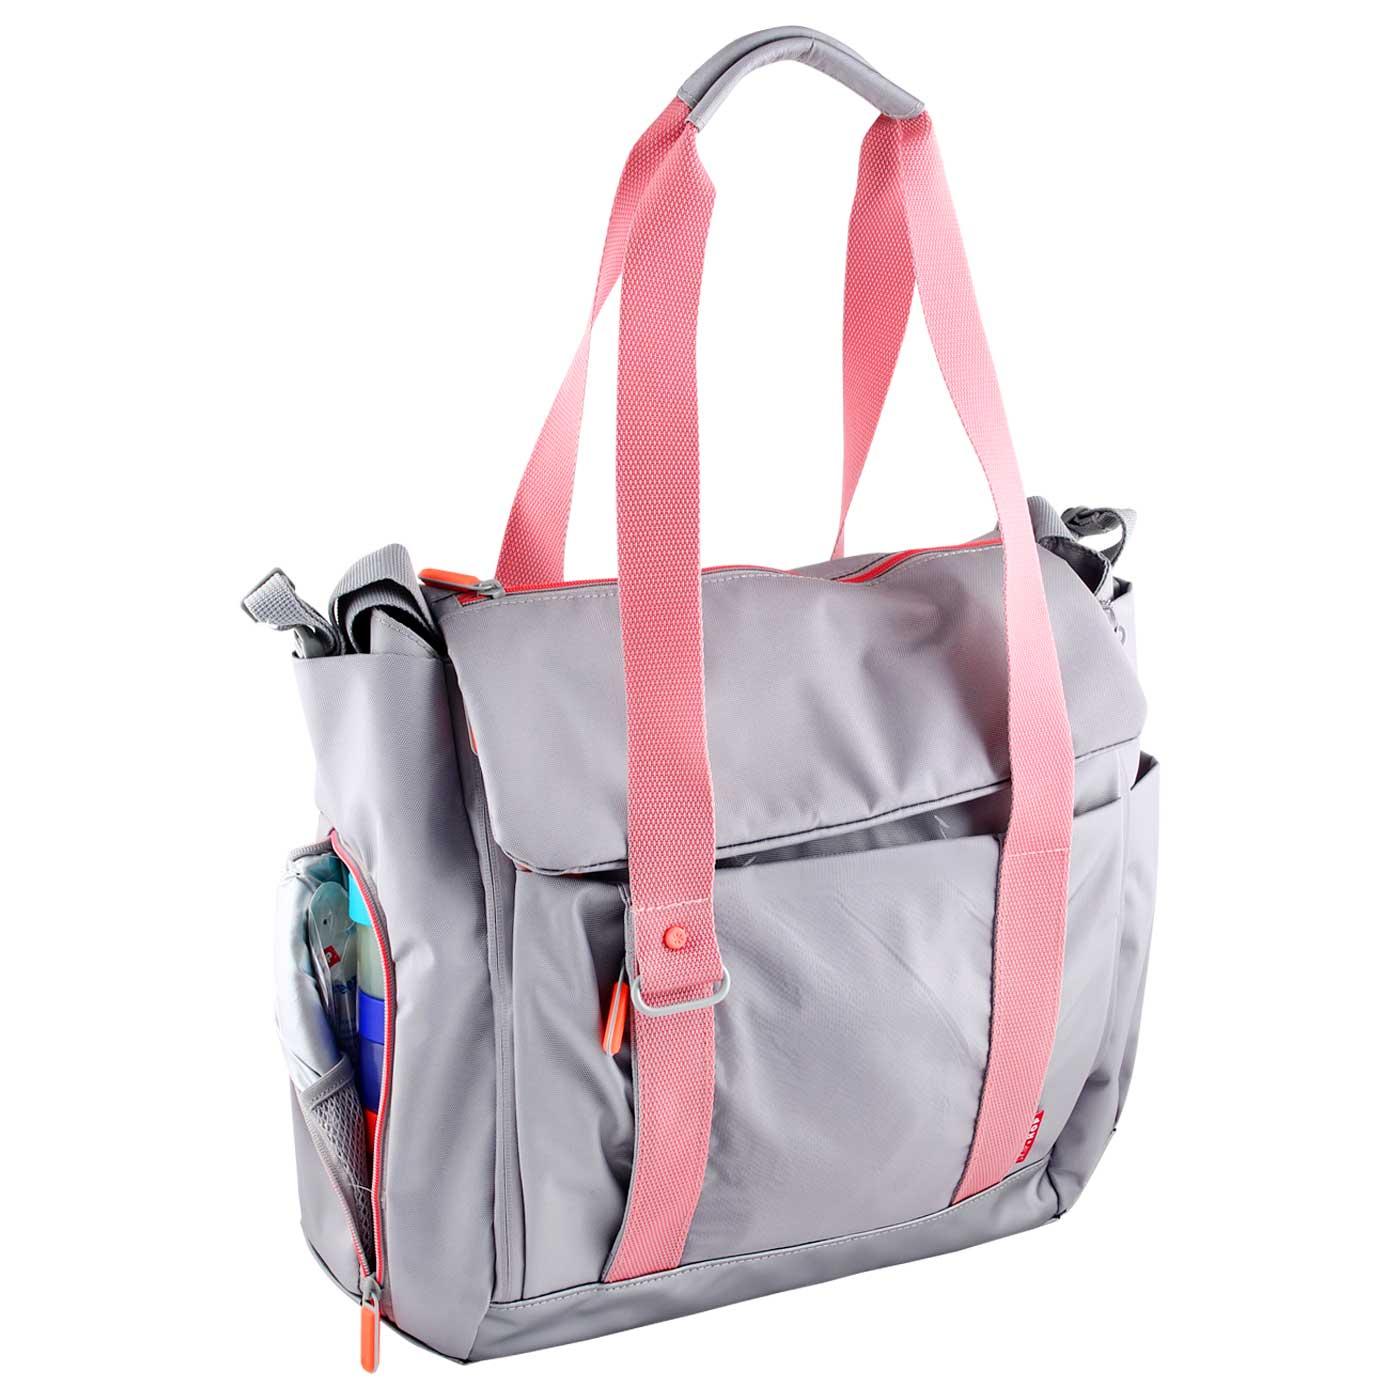 Skiphop Diaper Tote Bag Fit All Access - Platinum/Coral 3